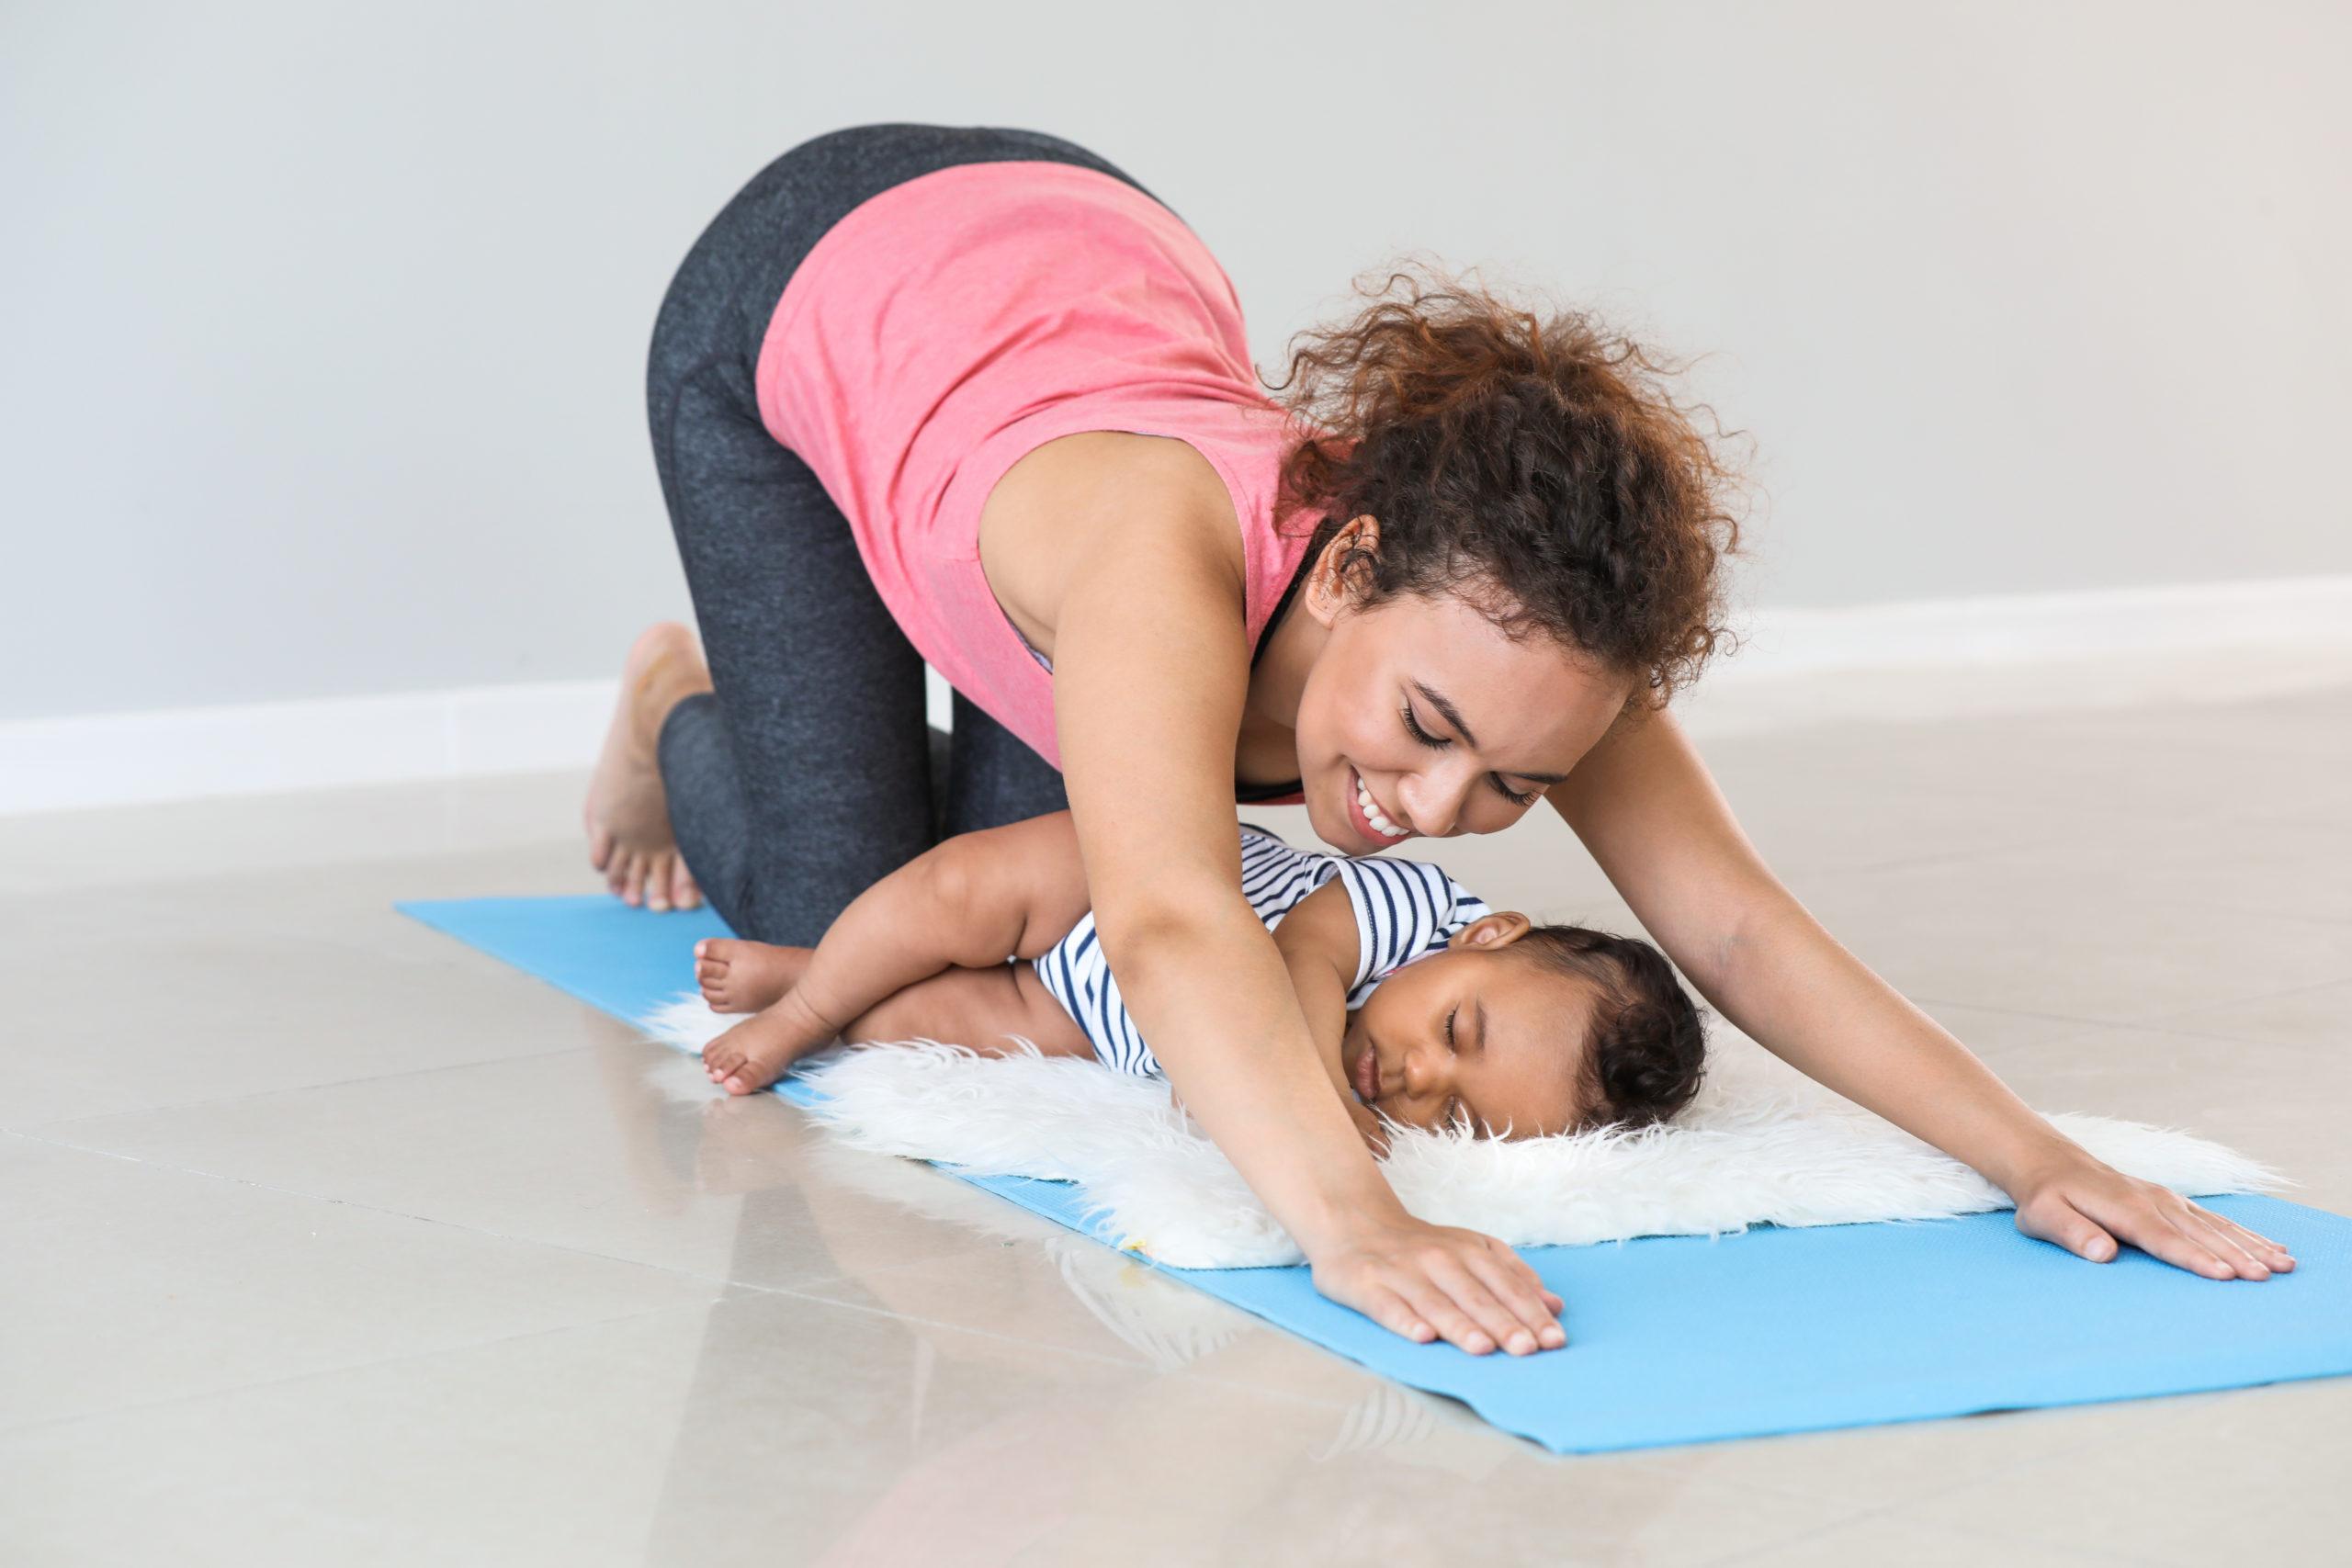 Mañana, súmate a esta sesión de yoga y apoya a los niños con cáncer